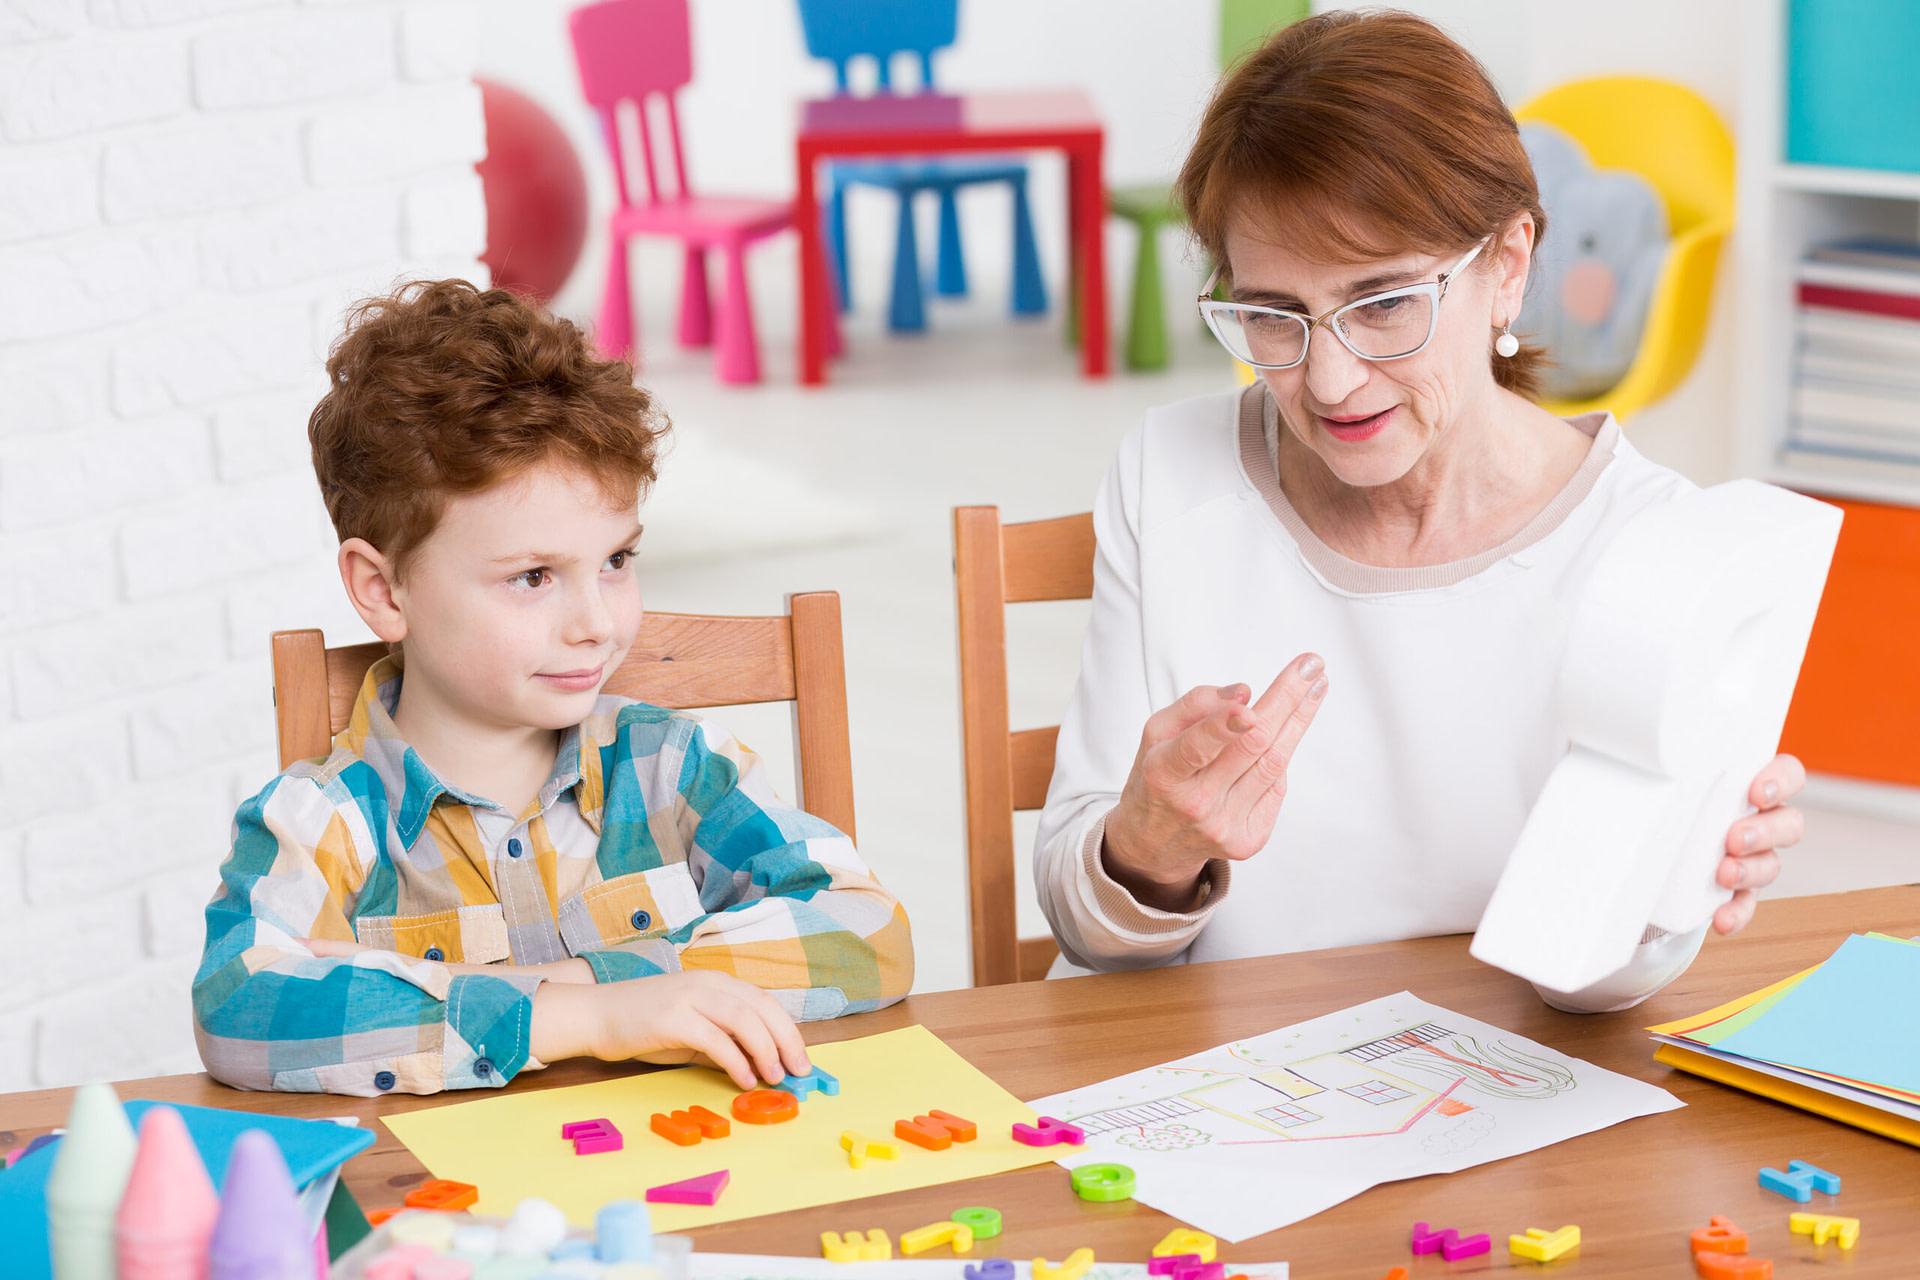 ВИЗНАЧЕННЯ  функціональної готовності дітей до навчання у першому класі загальноосвітнього навчального закладу